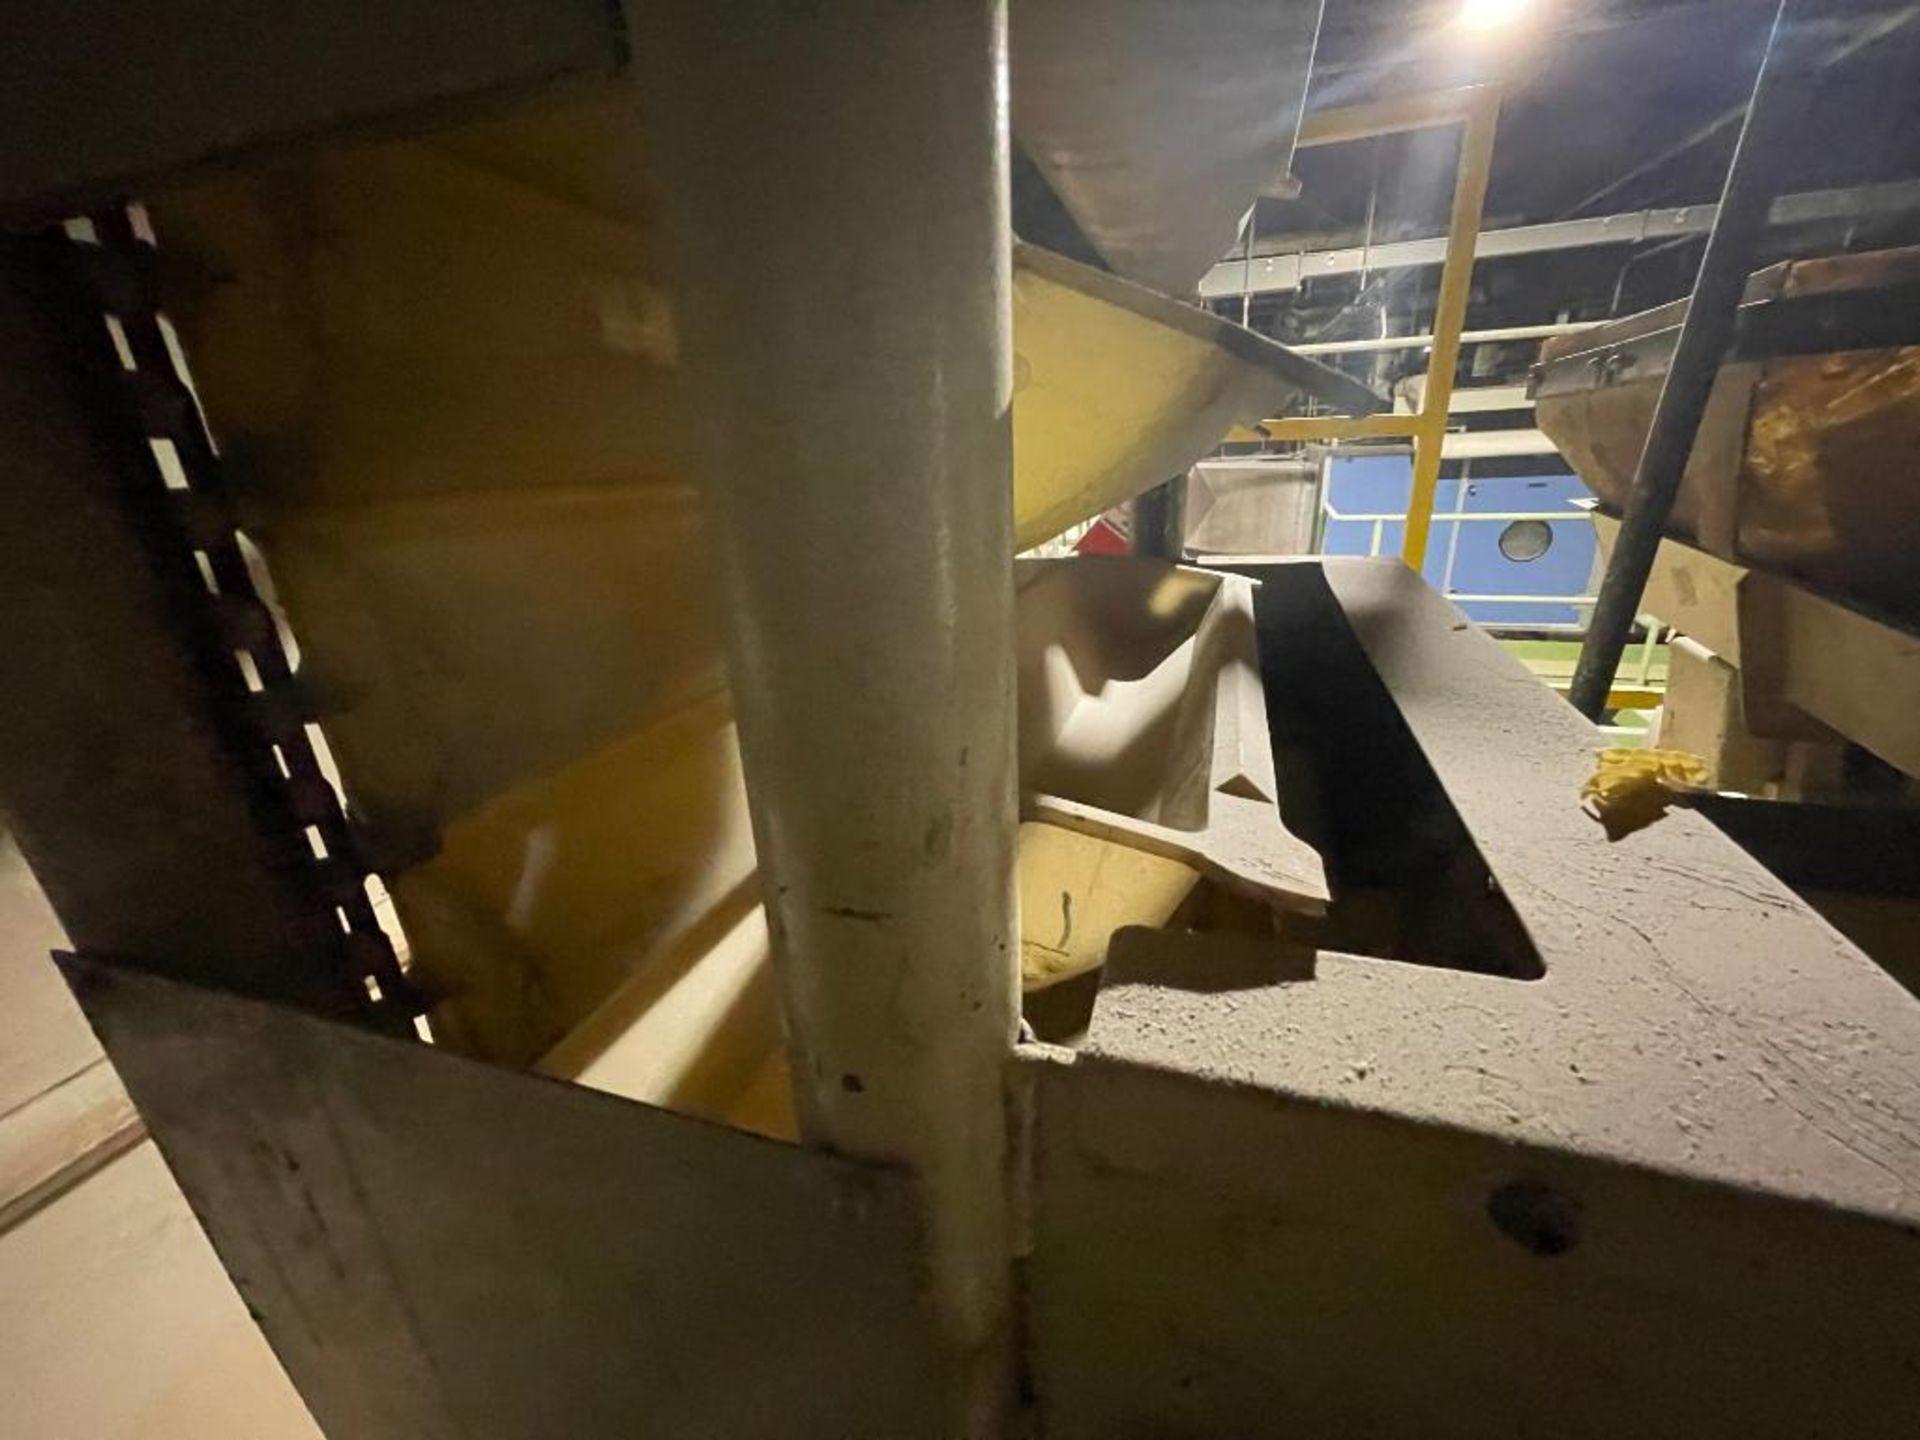 Aseeco horizontal overlapping bucket elevator - Image 7 of 13